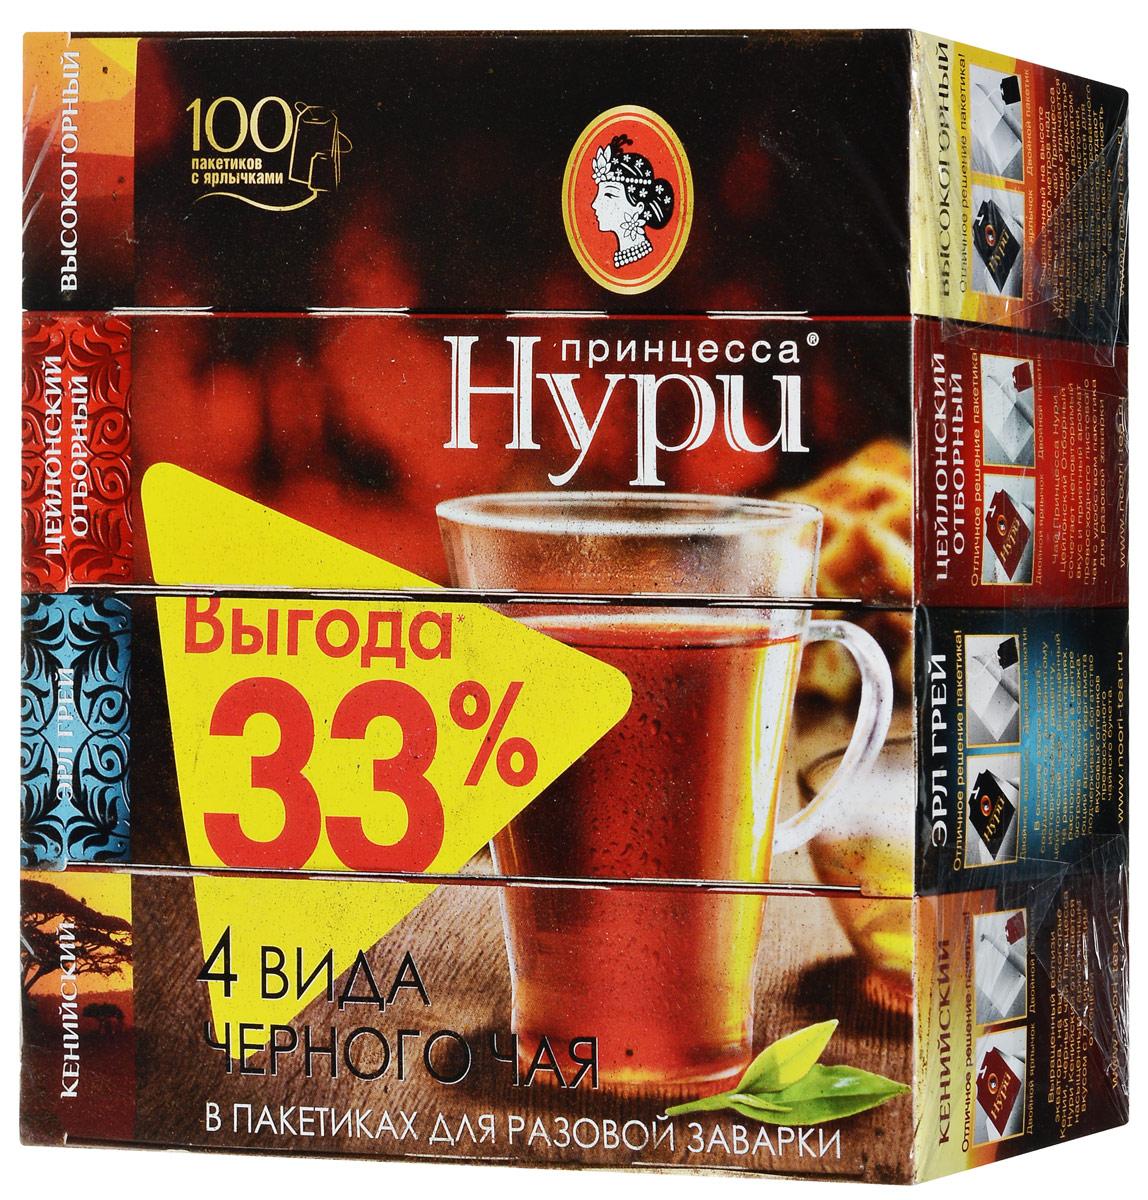 Принцесса Нури черный чай в пакетиках, 100 шт (4 вида чая по 25 шт)610302Набор черного чая Принцесса Нури различных сортов. Состав:Принцесса Нури Отборный. Сочетаетв себе благородный вкус и нежный аромат превосходного листового цейлонского чая.Принцесса Нури Кенийский. Выращенный вблизи экватора на высокогорье Кении, он отличается сбалансированным гармоничным вкусом с легким терпким оттенком.Принцесса Нури Высокогорный. Чай с особым терпким вкусом, светло-золотистым настоем и неподражаемым ароматом был собран высоко в горах. Чайные плантации расположены на высоте от 1000 до 2500 метров над уровнем моря, где климат идеален для чайных растений.Принцесса Нури Оригинальный. Легкий аромат бергамота деликатно подчеркивает богатство вкусовых оттенков в превосходном букете черного чая.Уважаемые клиенты! Обращаем ваше внимание на то, что упаковка может иметь несколько видов дизайна. Поставка осуществляется в зависимости от наличия на складе.